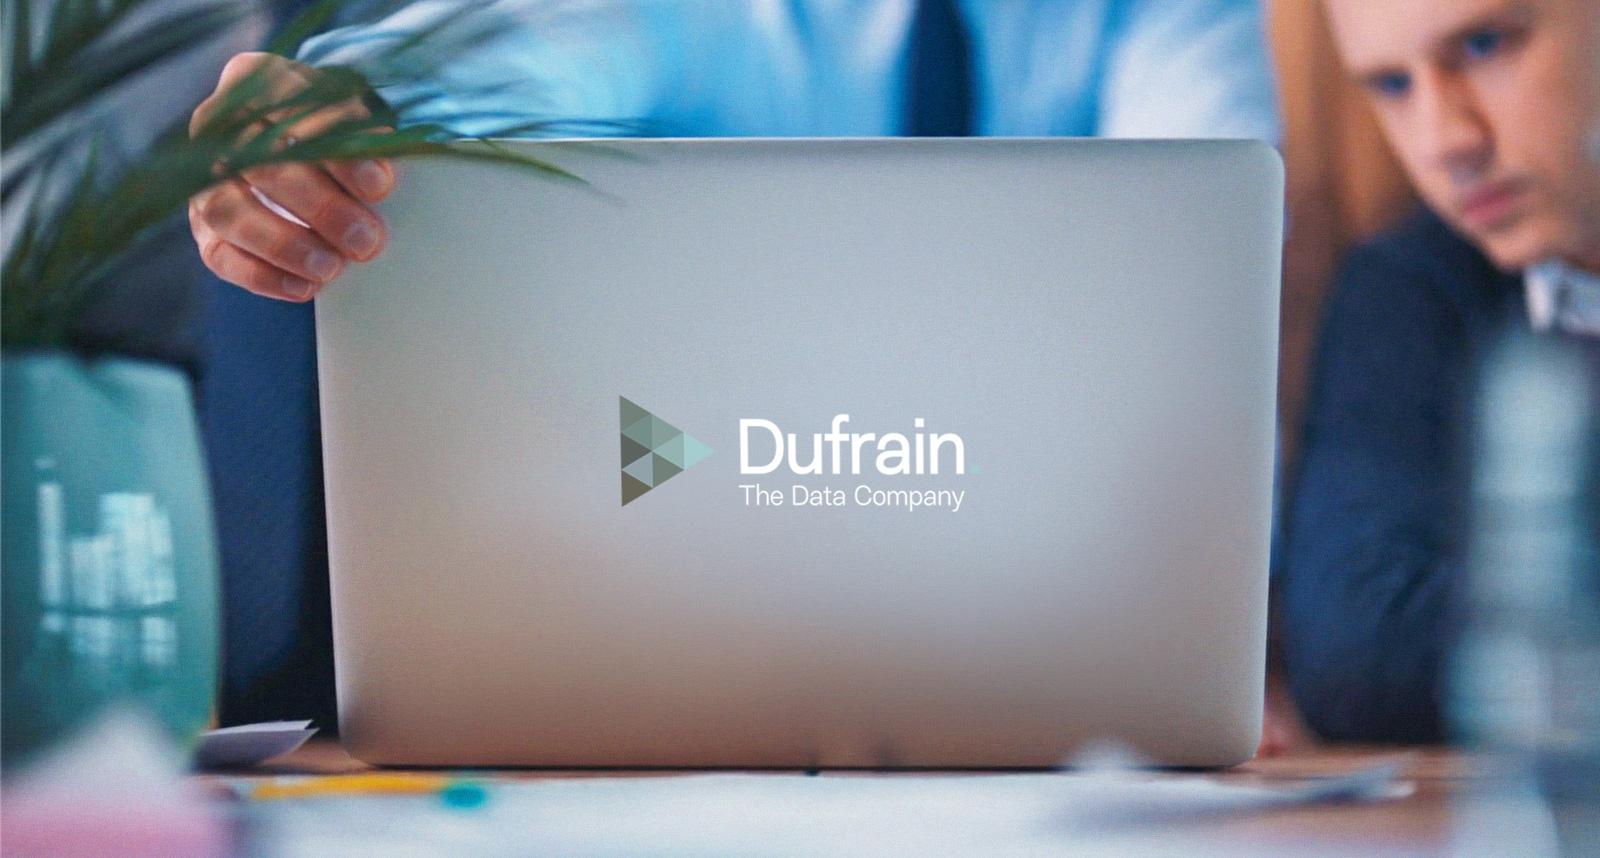 dufrain cov